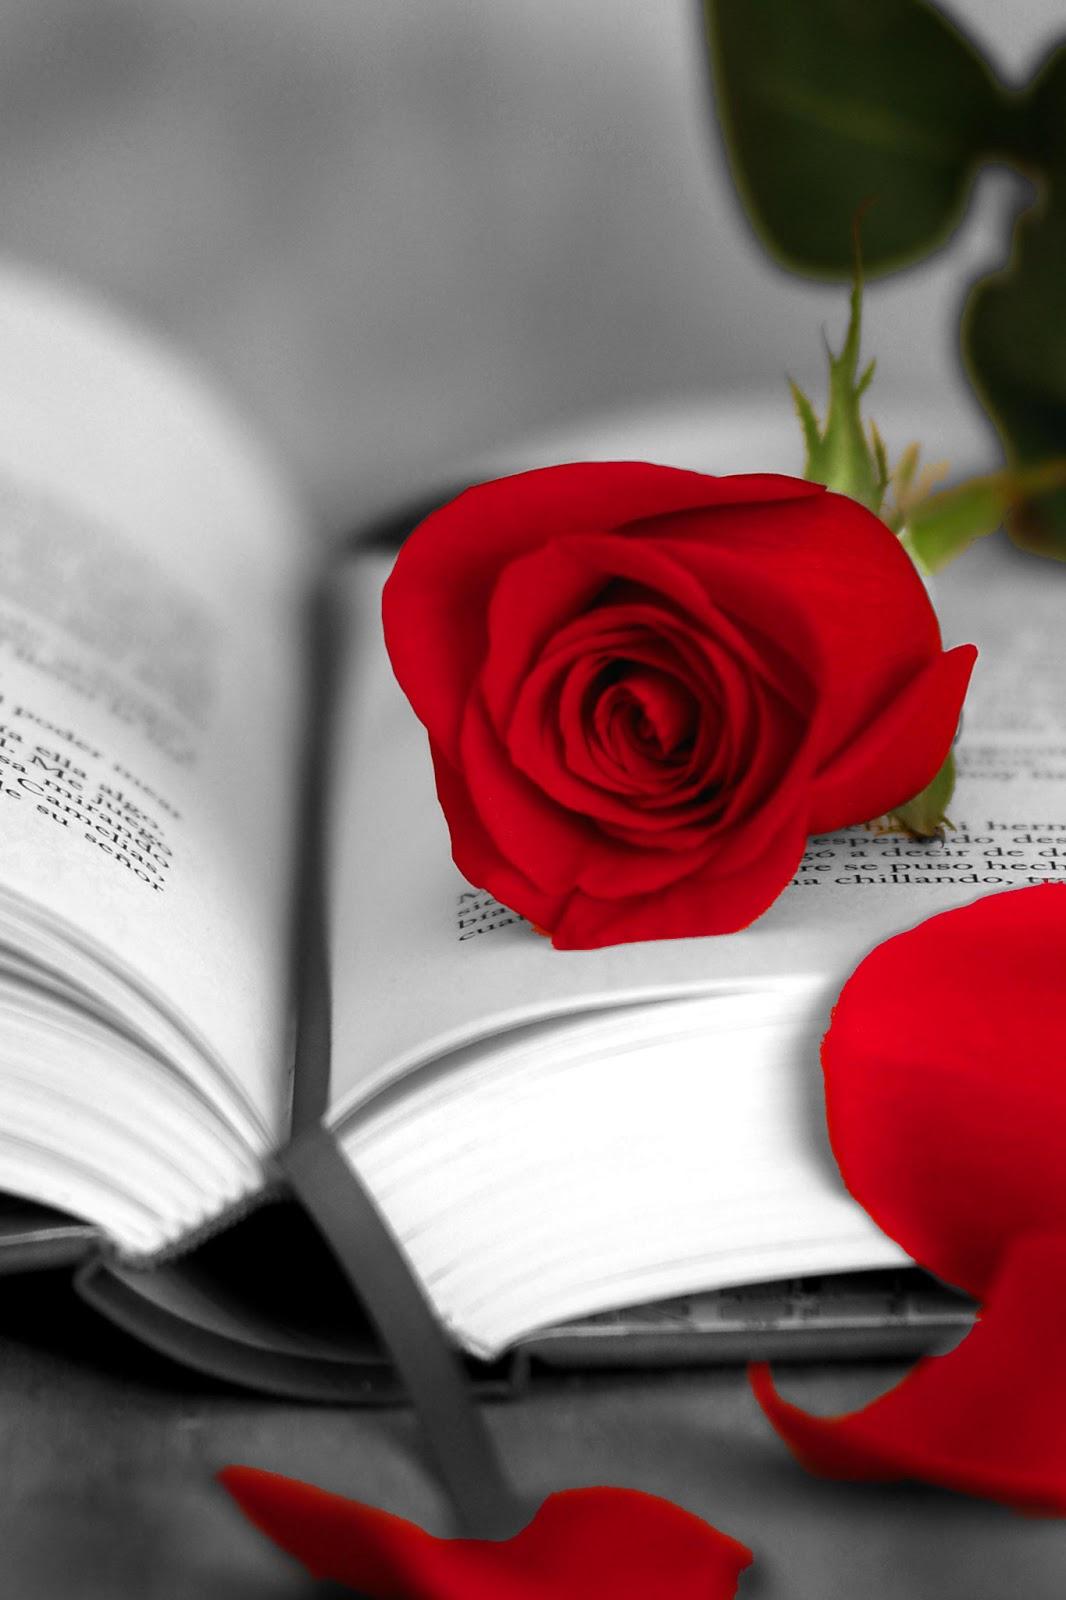 Sobre Colores: Libros, rosas, colores